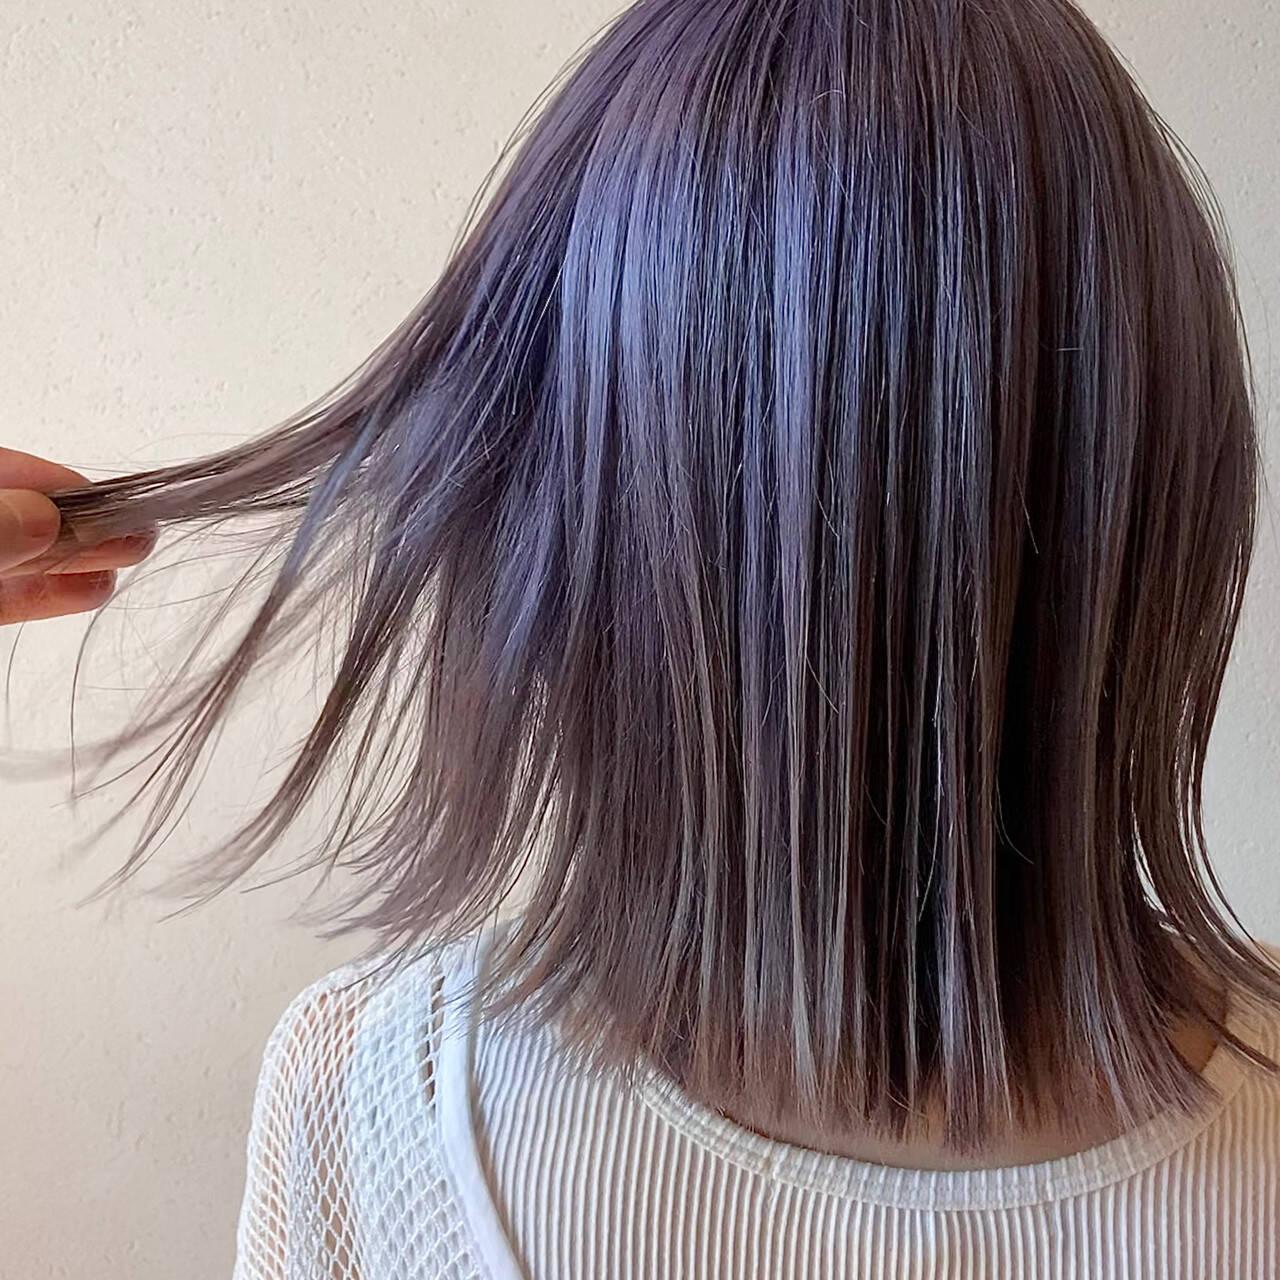 ボブ ダブルカラー ラベンダーカラー ラベンダーグレーヘアスタイルや髪型の写真・画像